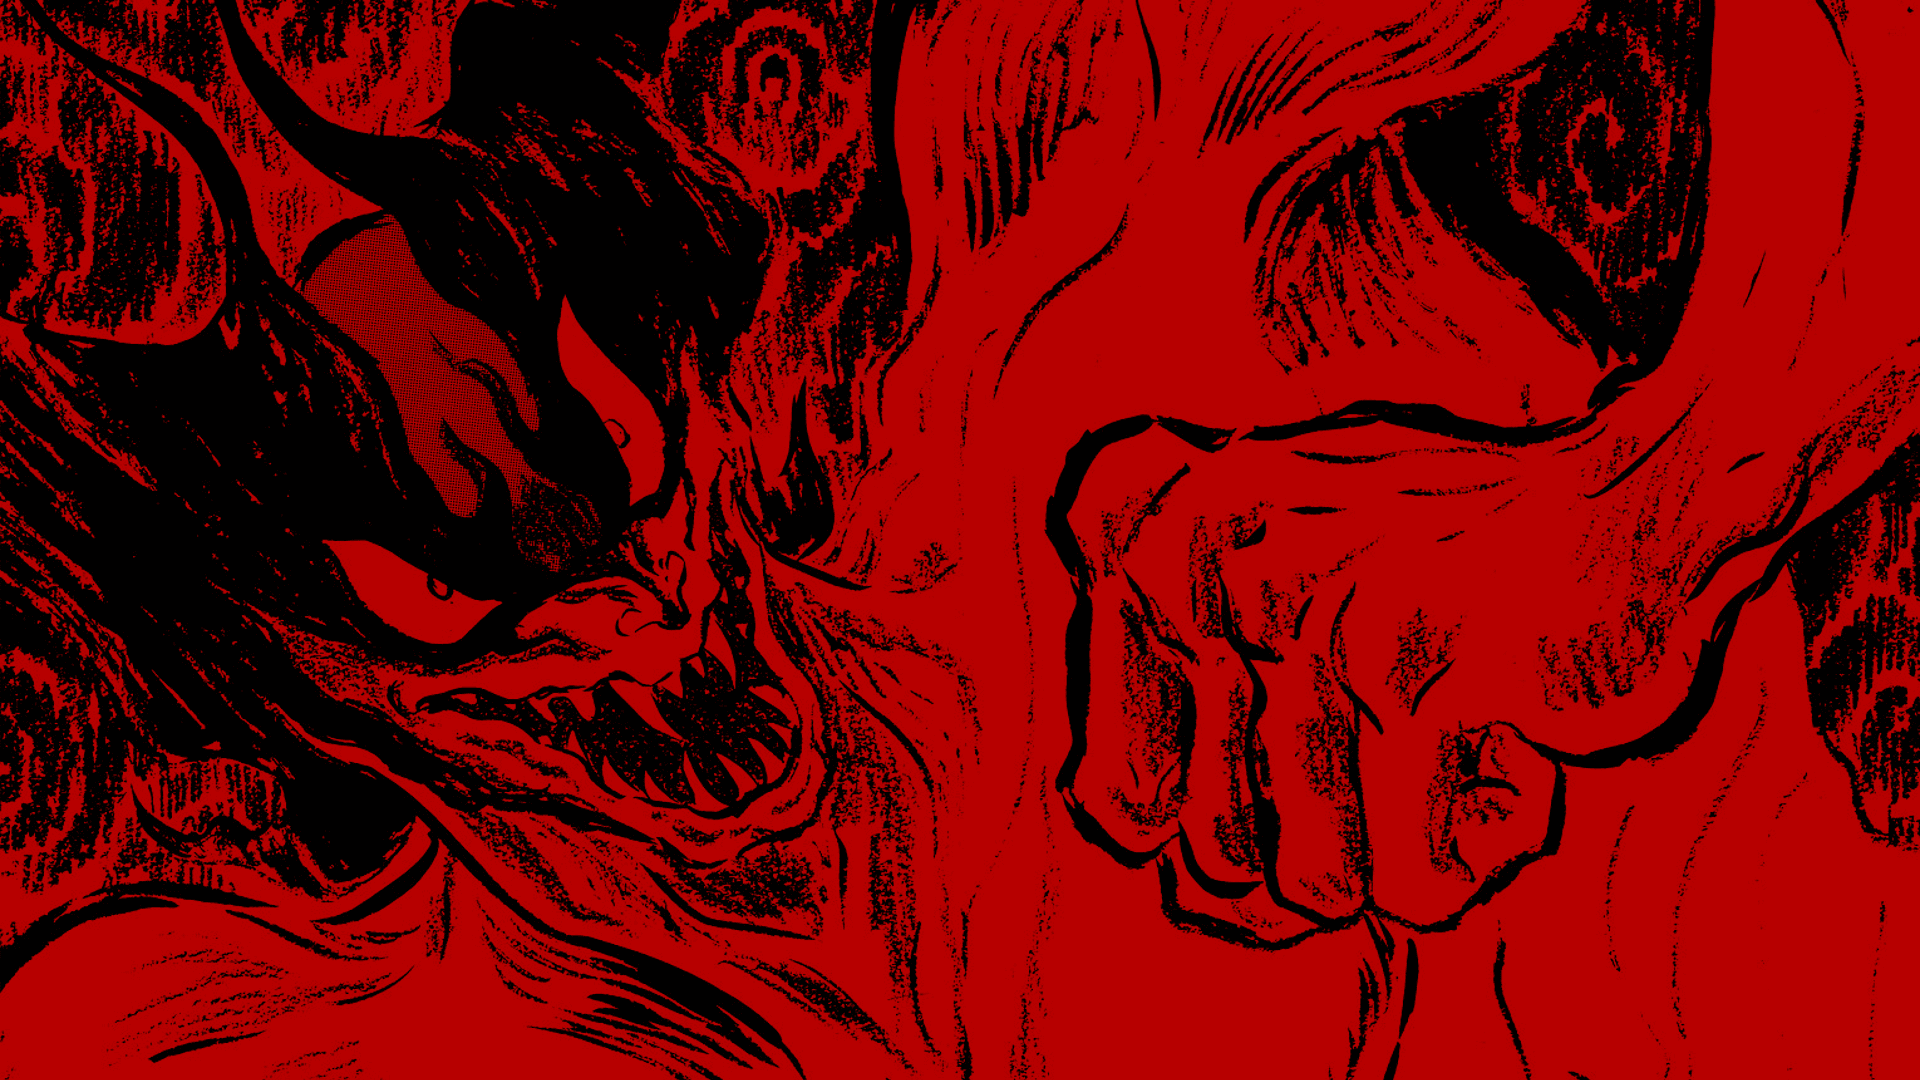 Devilman: lussuria, body-horror e critica sociale per il diavolo dal cuore umano di Go Nagai